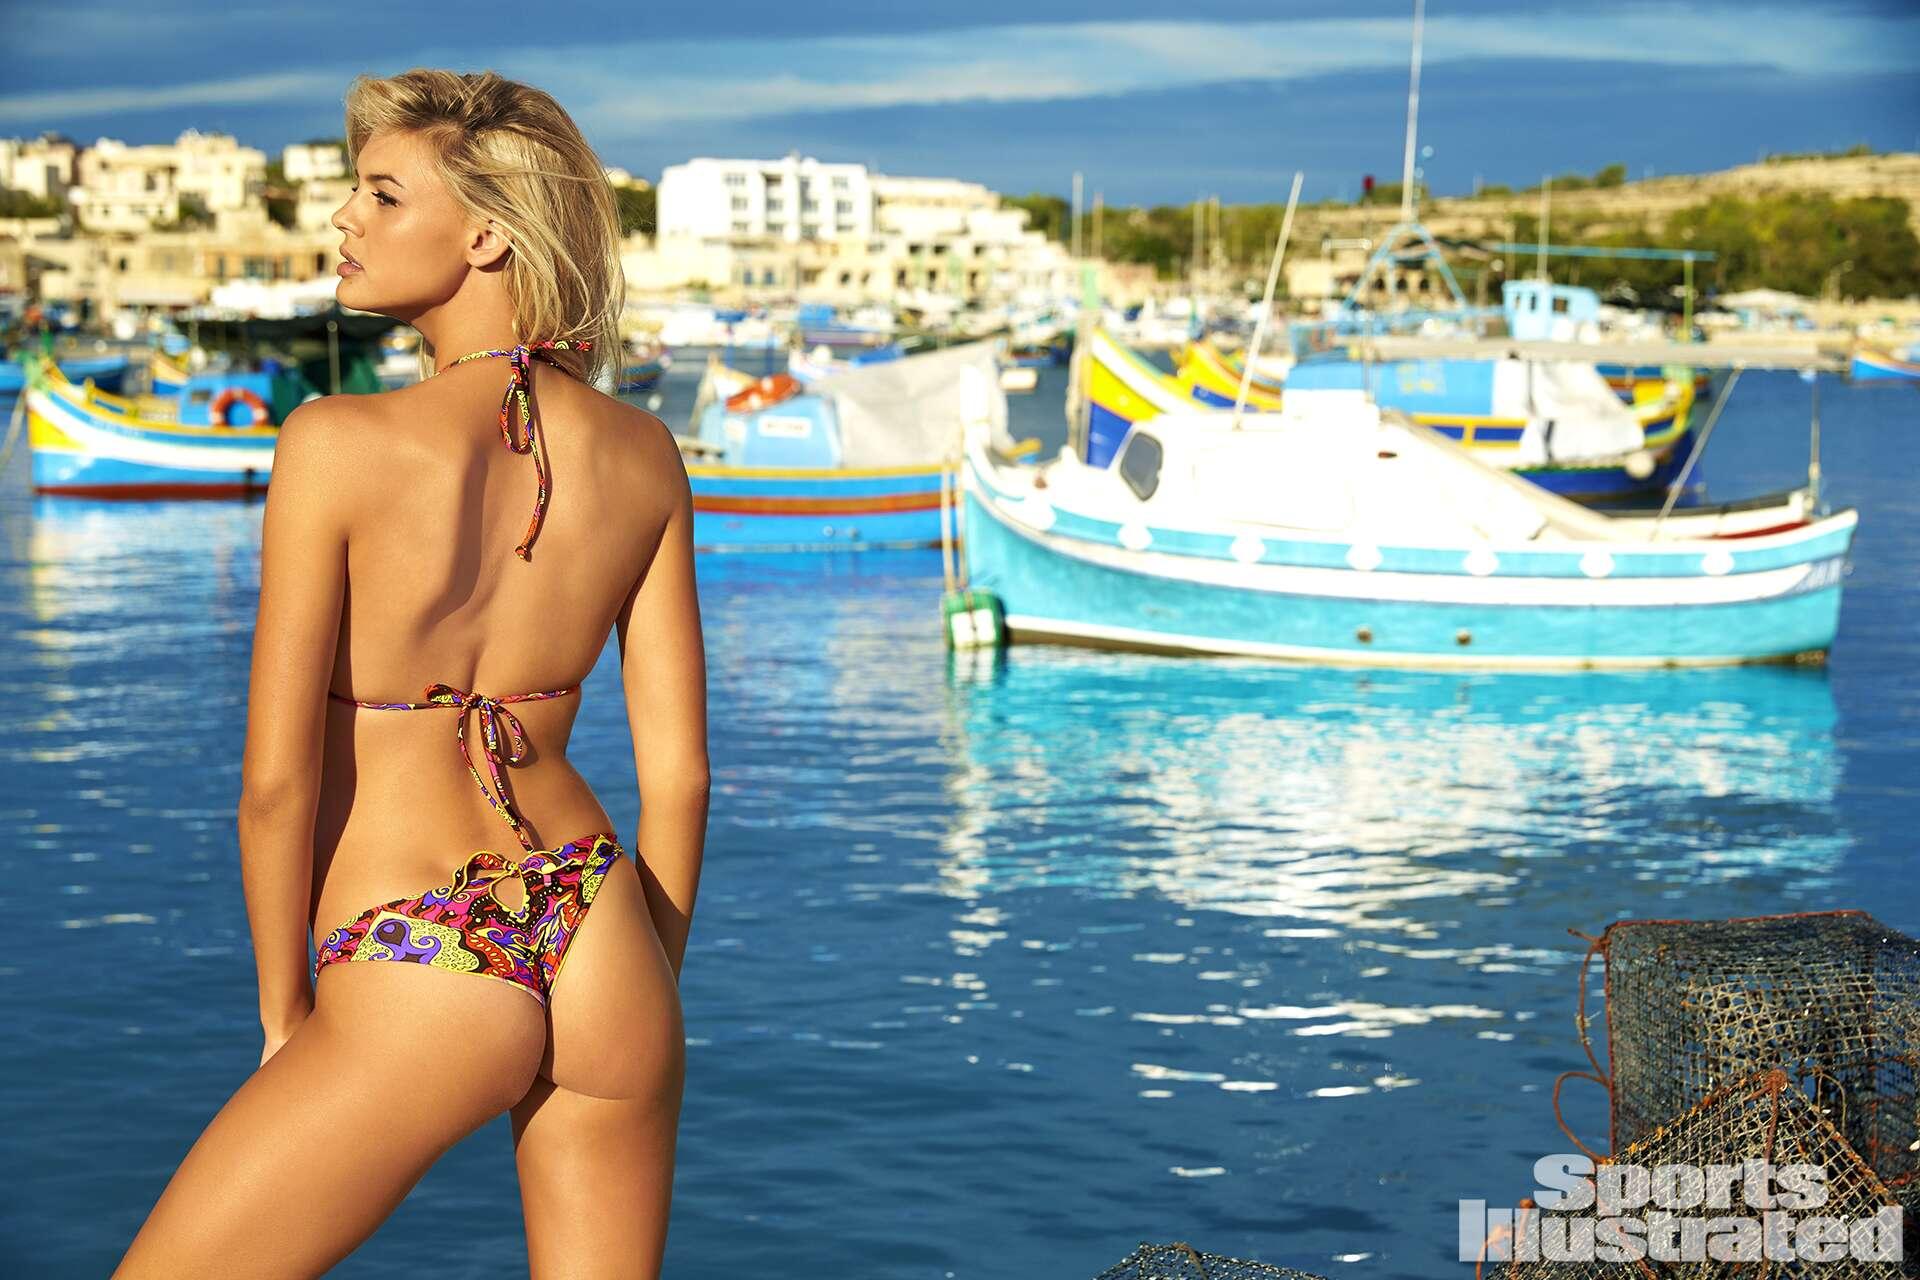 Kelly Rohrbach was photographed by Ben Watts in Malta. Swimsuit by Luli Fama Swimwear.